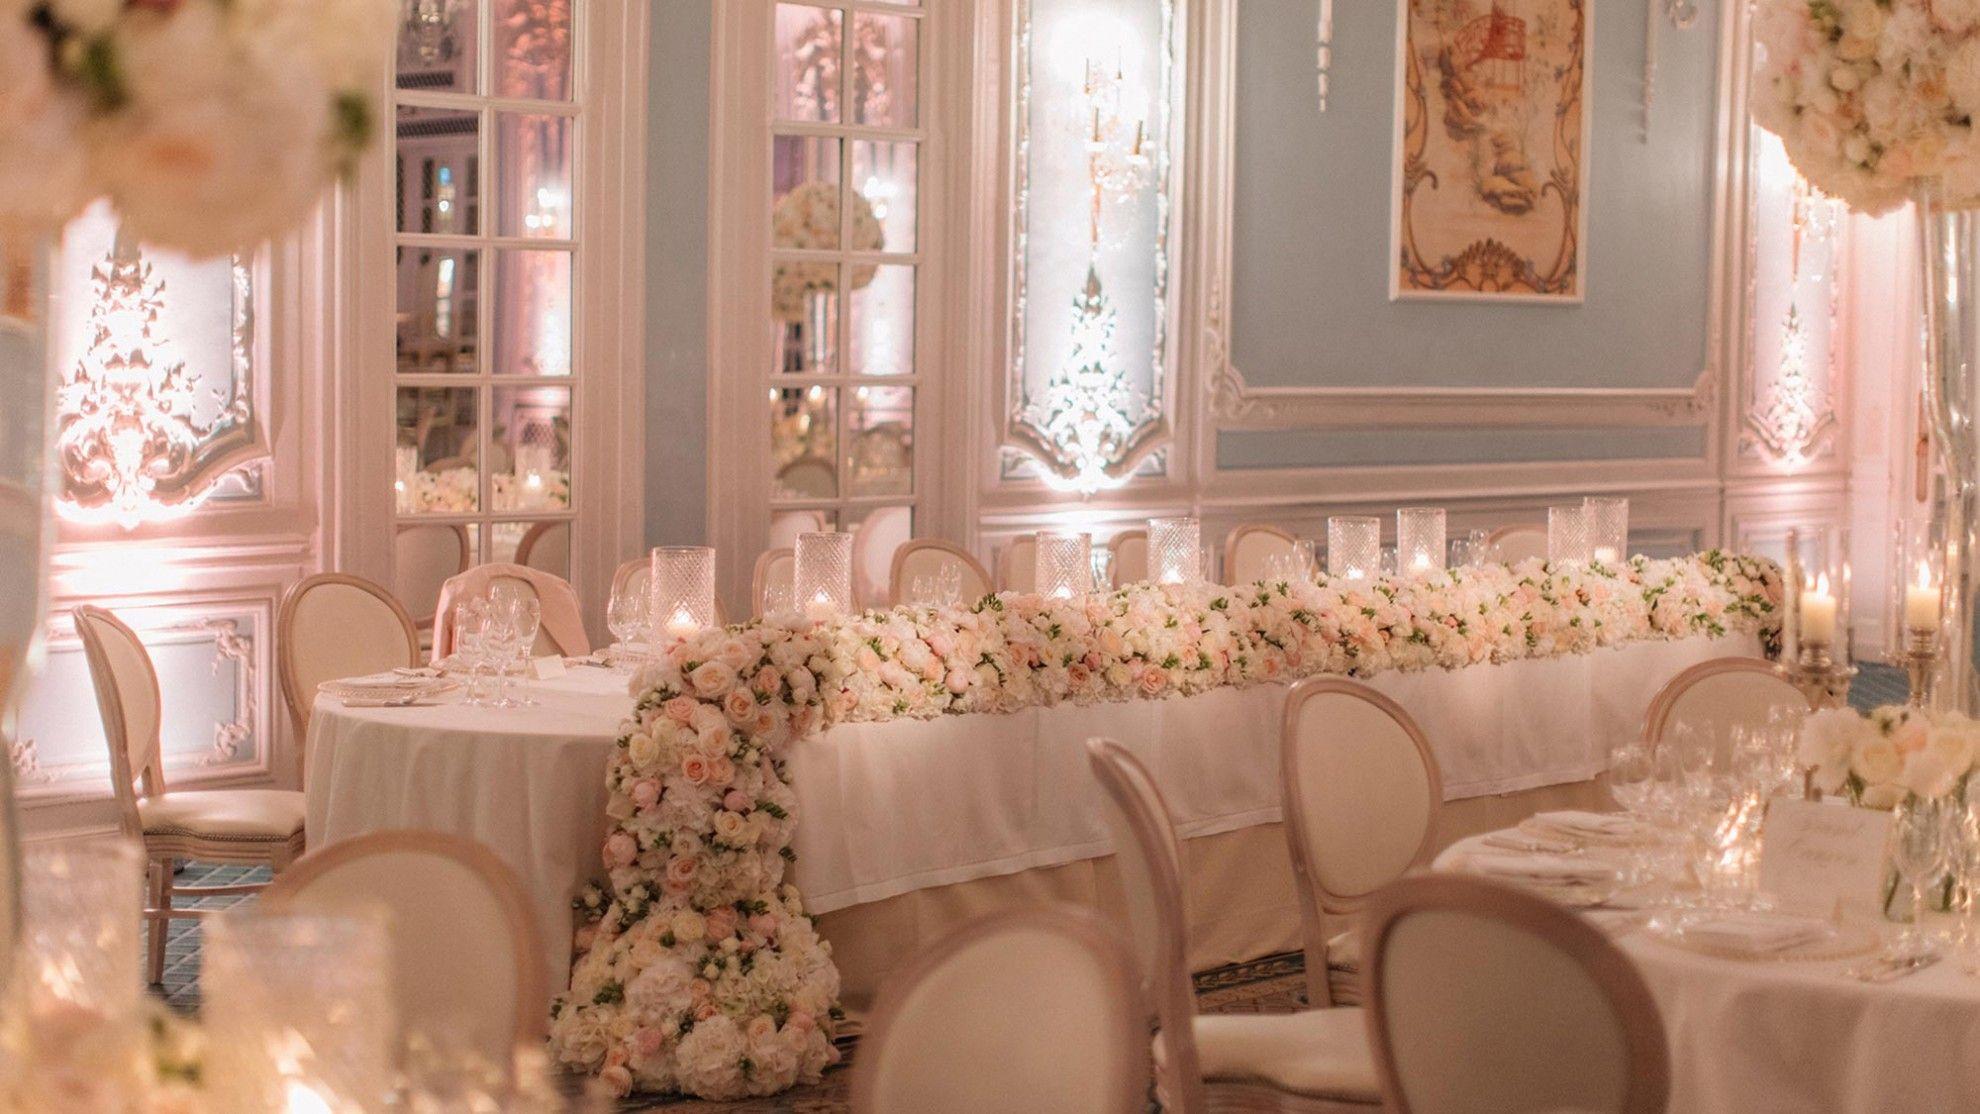 Wedding Venues London | Hotel Wedding Venue | The Savoy